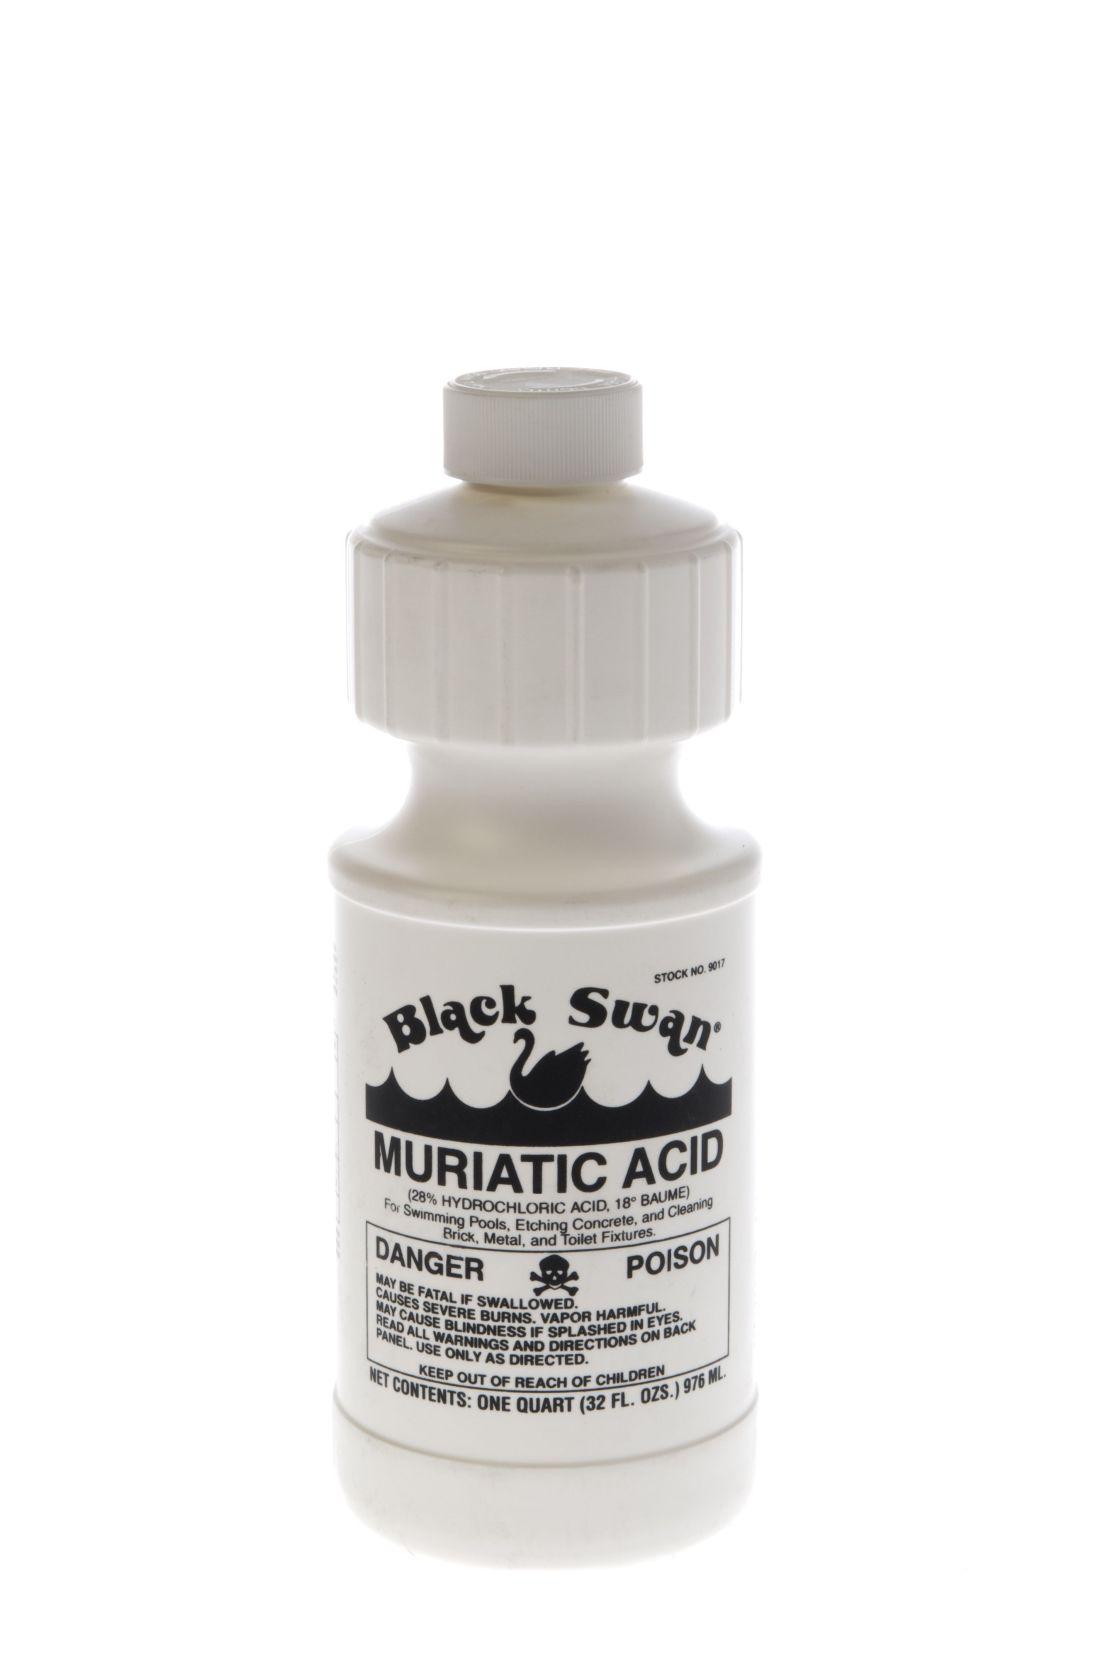 Black swans 18 muriatic acid is 28 hydrochloric acid